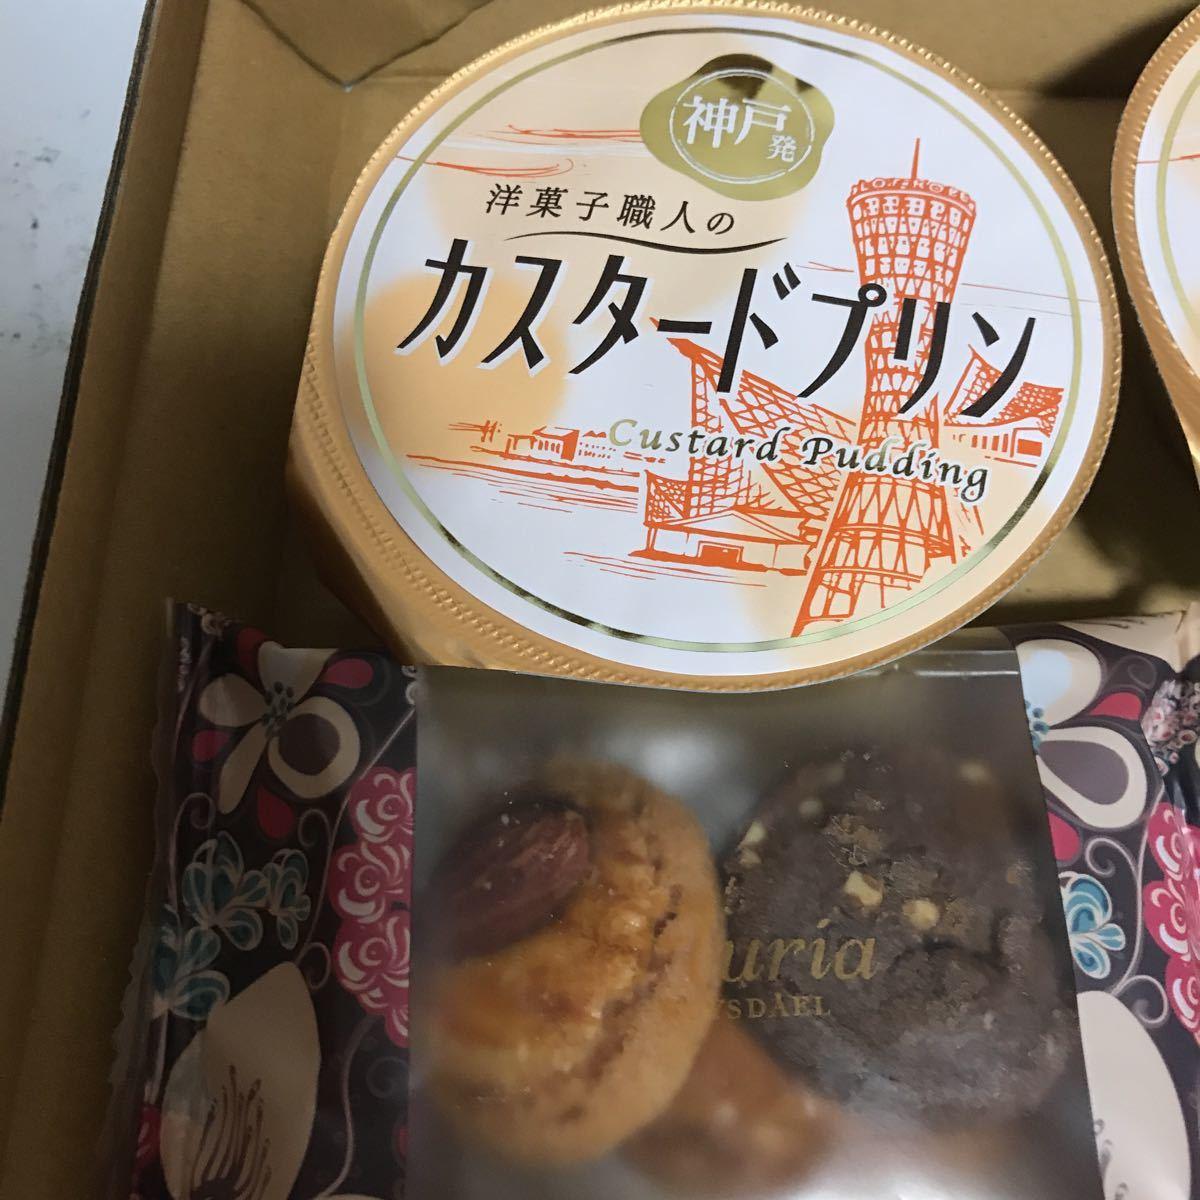 おお菓子詰め合わせ ロイスダール アマンドリーフパイ&神戸カスタードプリン&千疋屋フルーツタルト、高級フロランタン入り_画像5